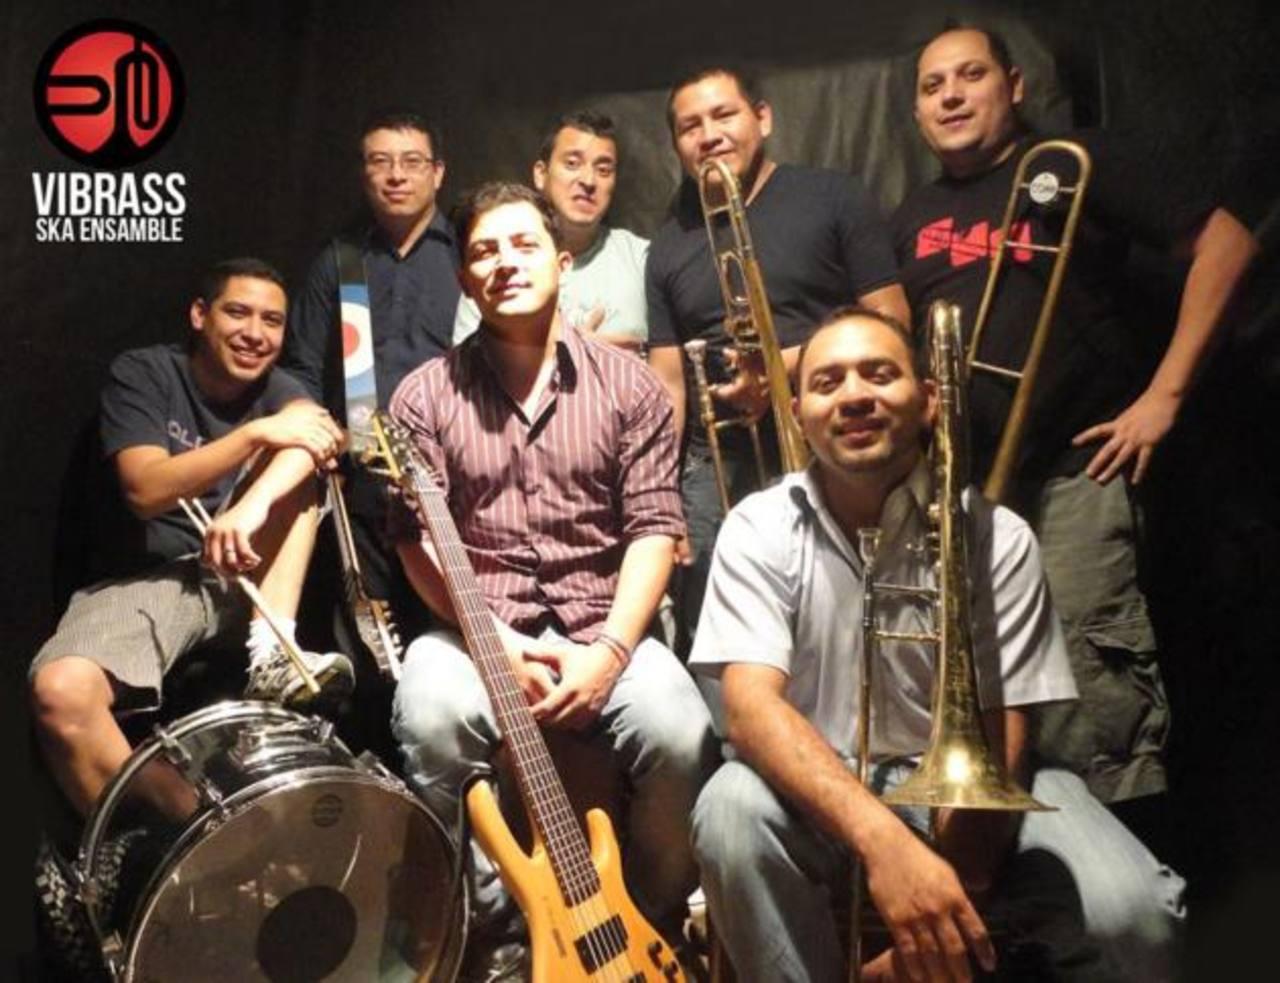 El jazz y ska estará a cargo de este grupo que destaca con sus instrumentos. Foto EDH / cortesía